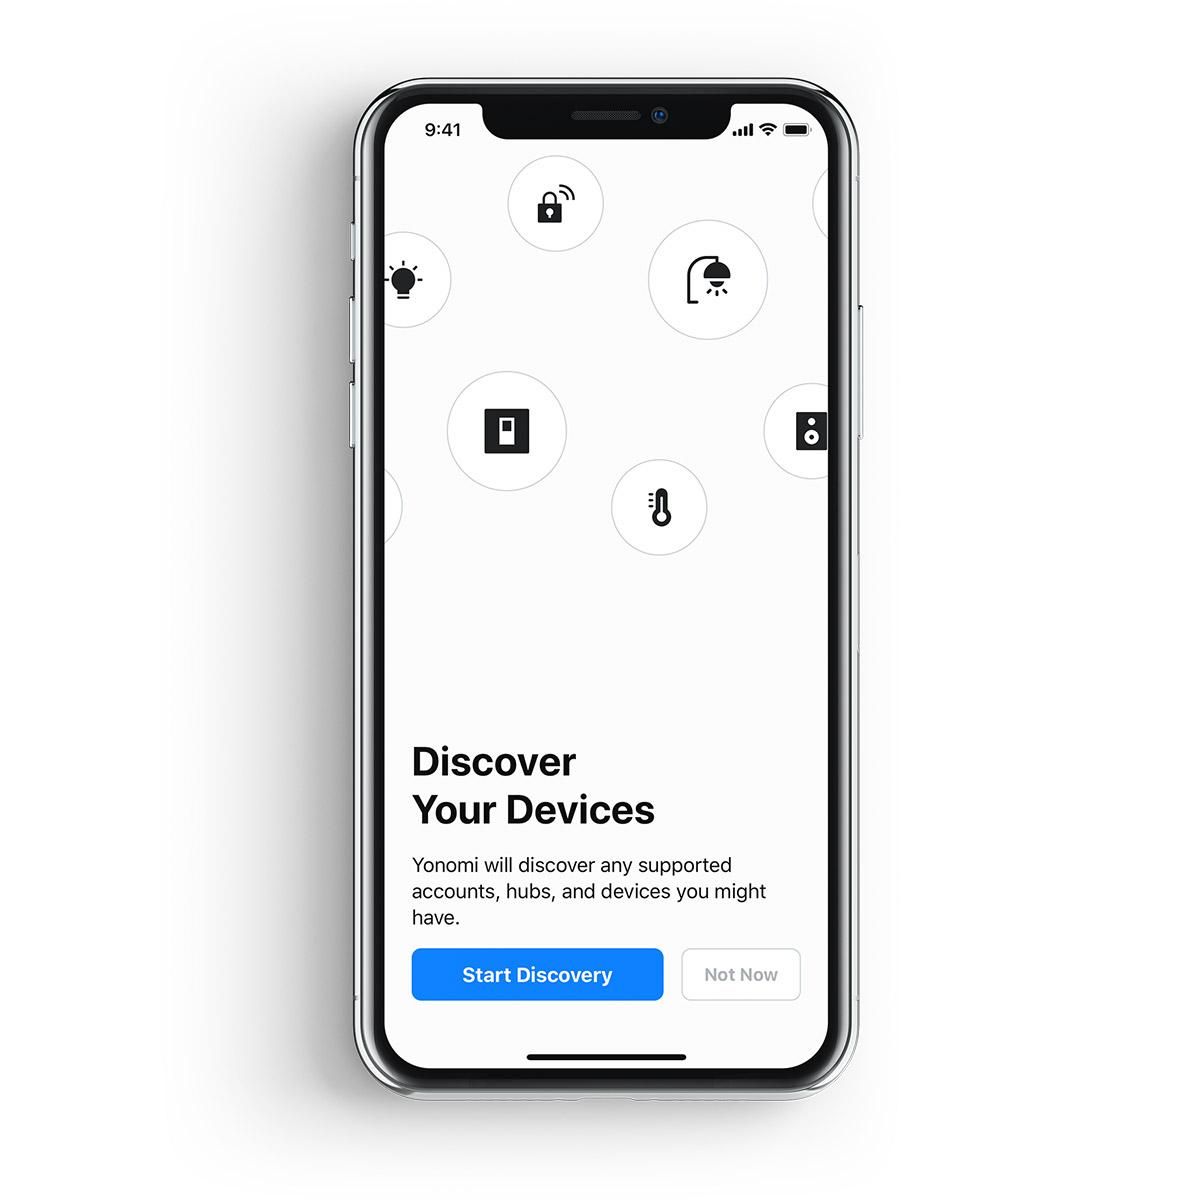 Yonomi - Yonomi App iOS Discovery.jpg